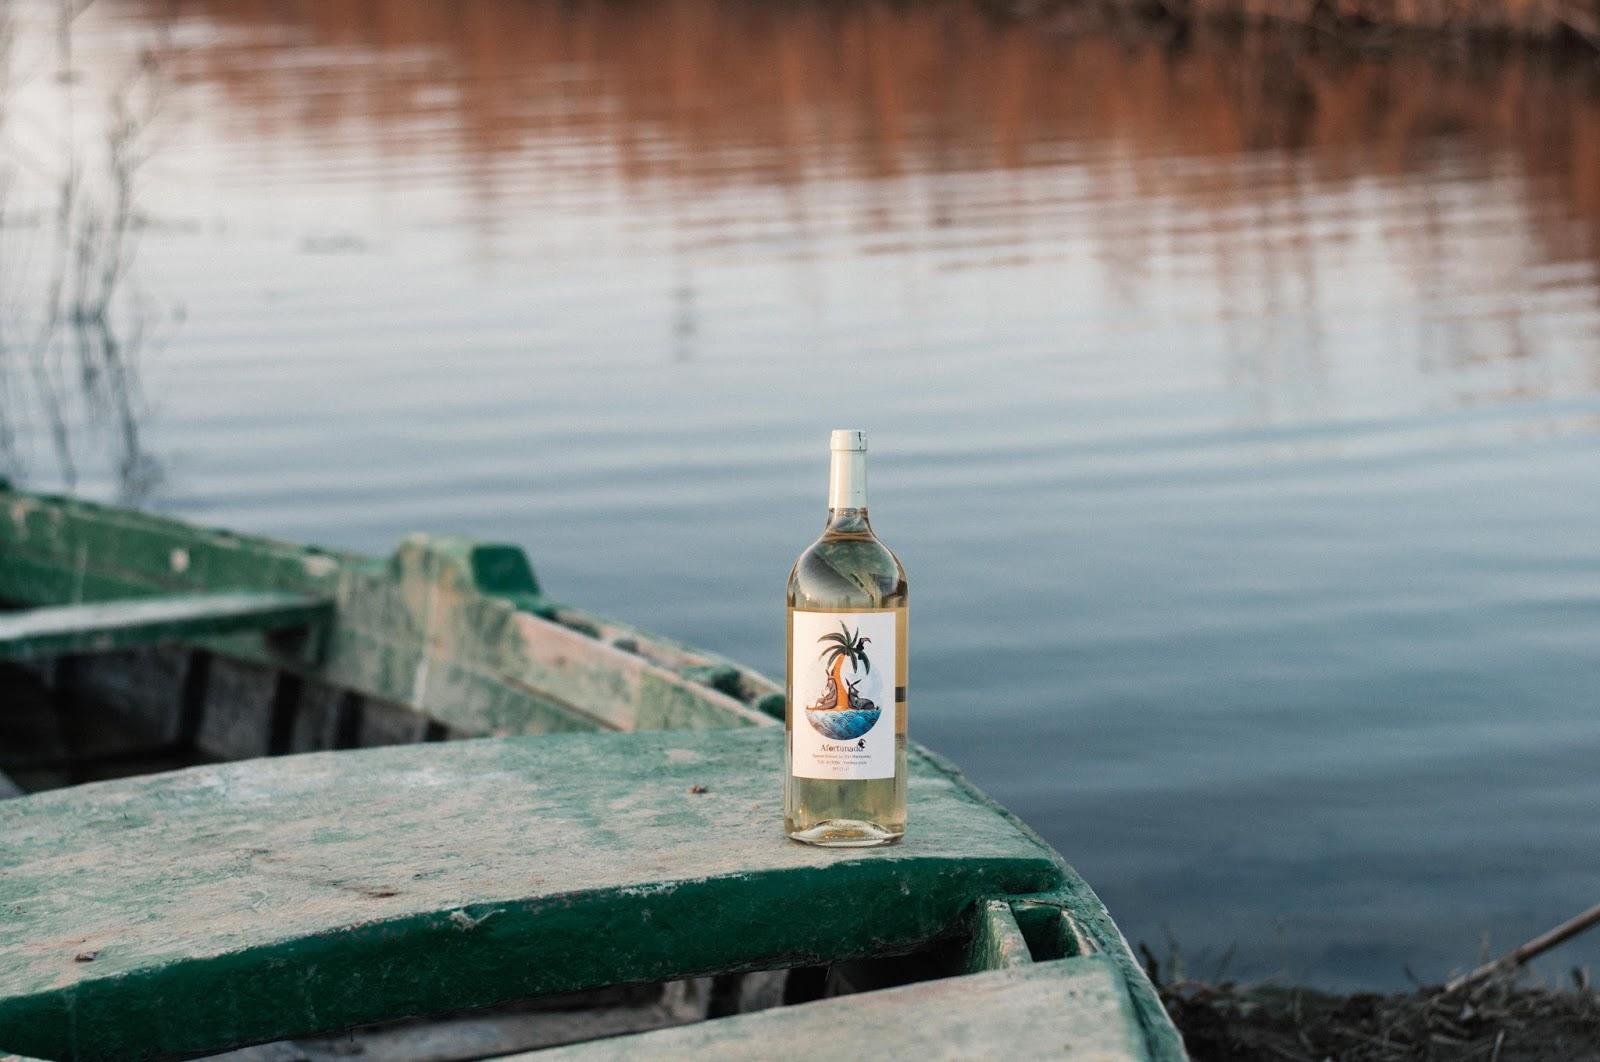 Vino afortunado special edition by Marmarramiau 2016